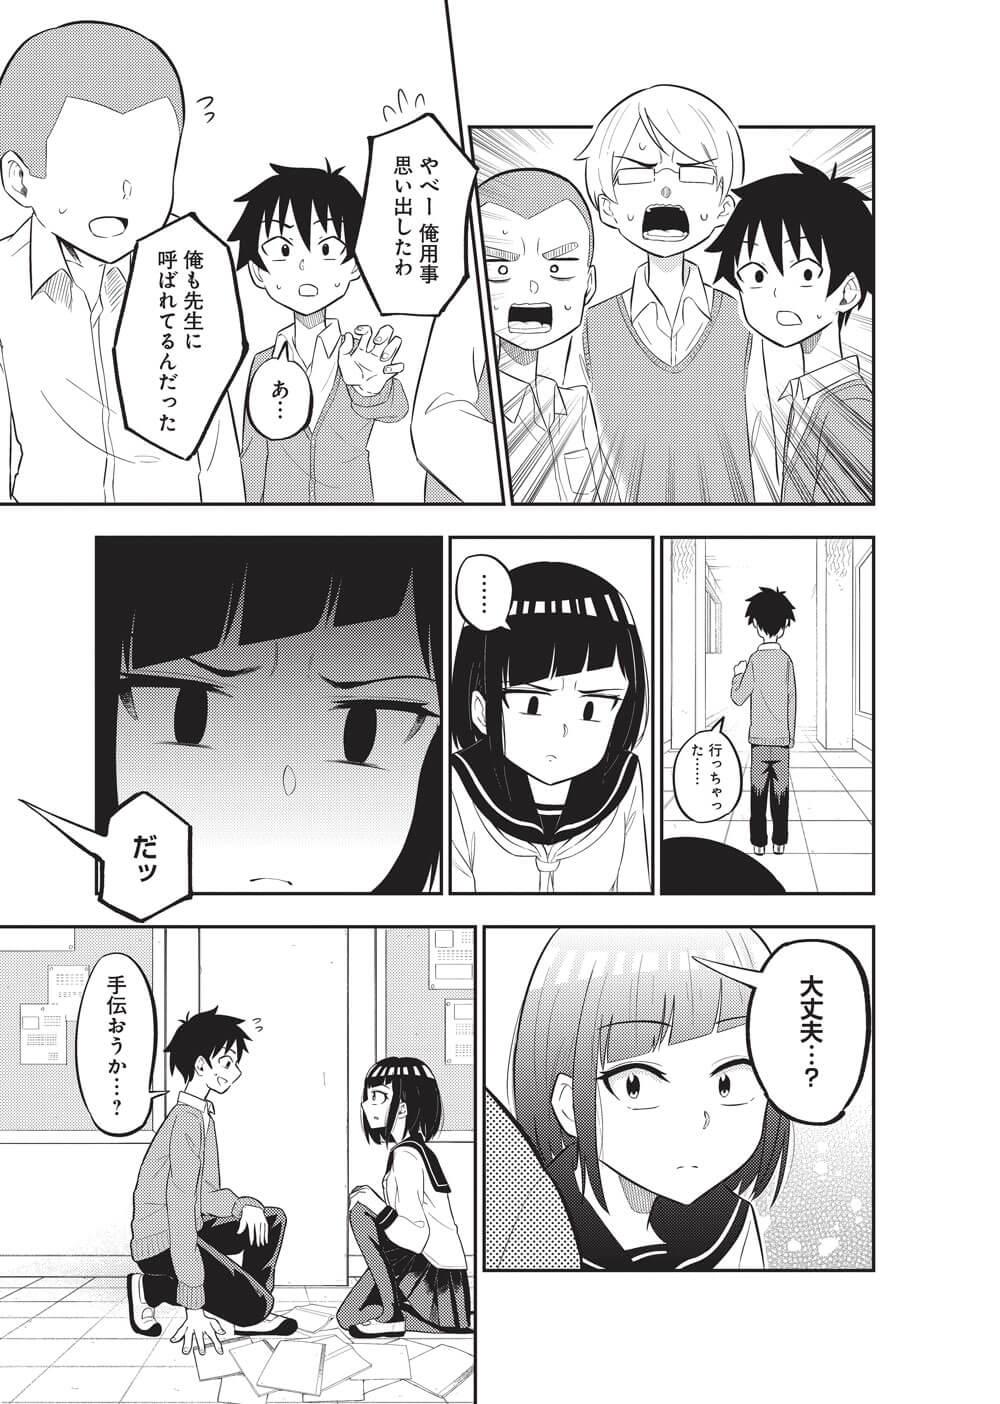 クラスメイトの田中さんはすごく怖い-1-9